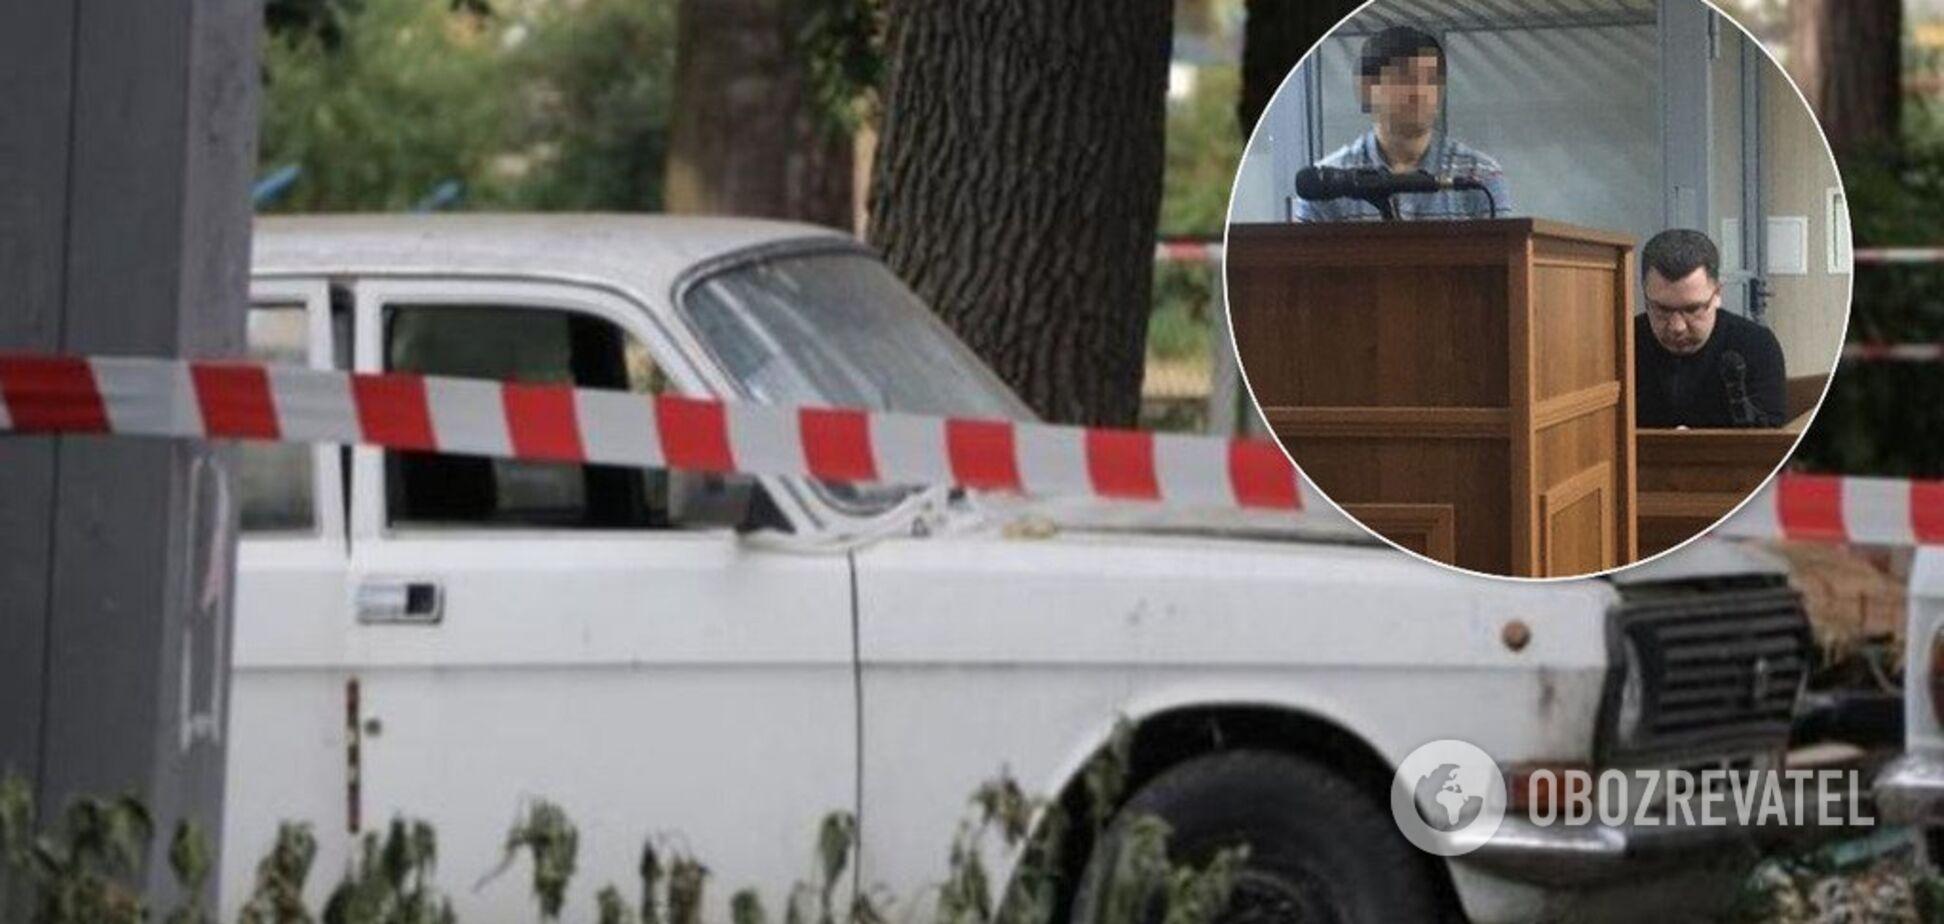 Місце вибуху і власник авто на суді